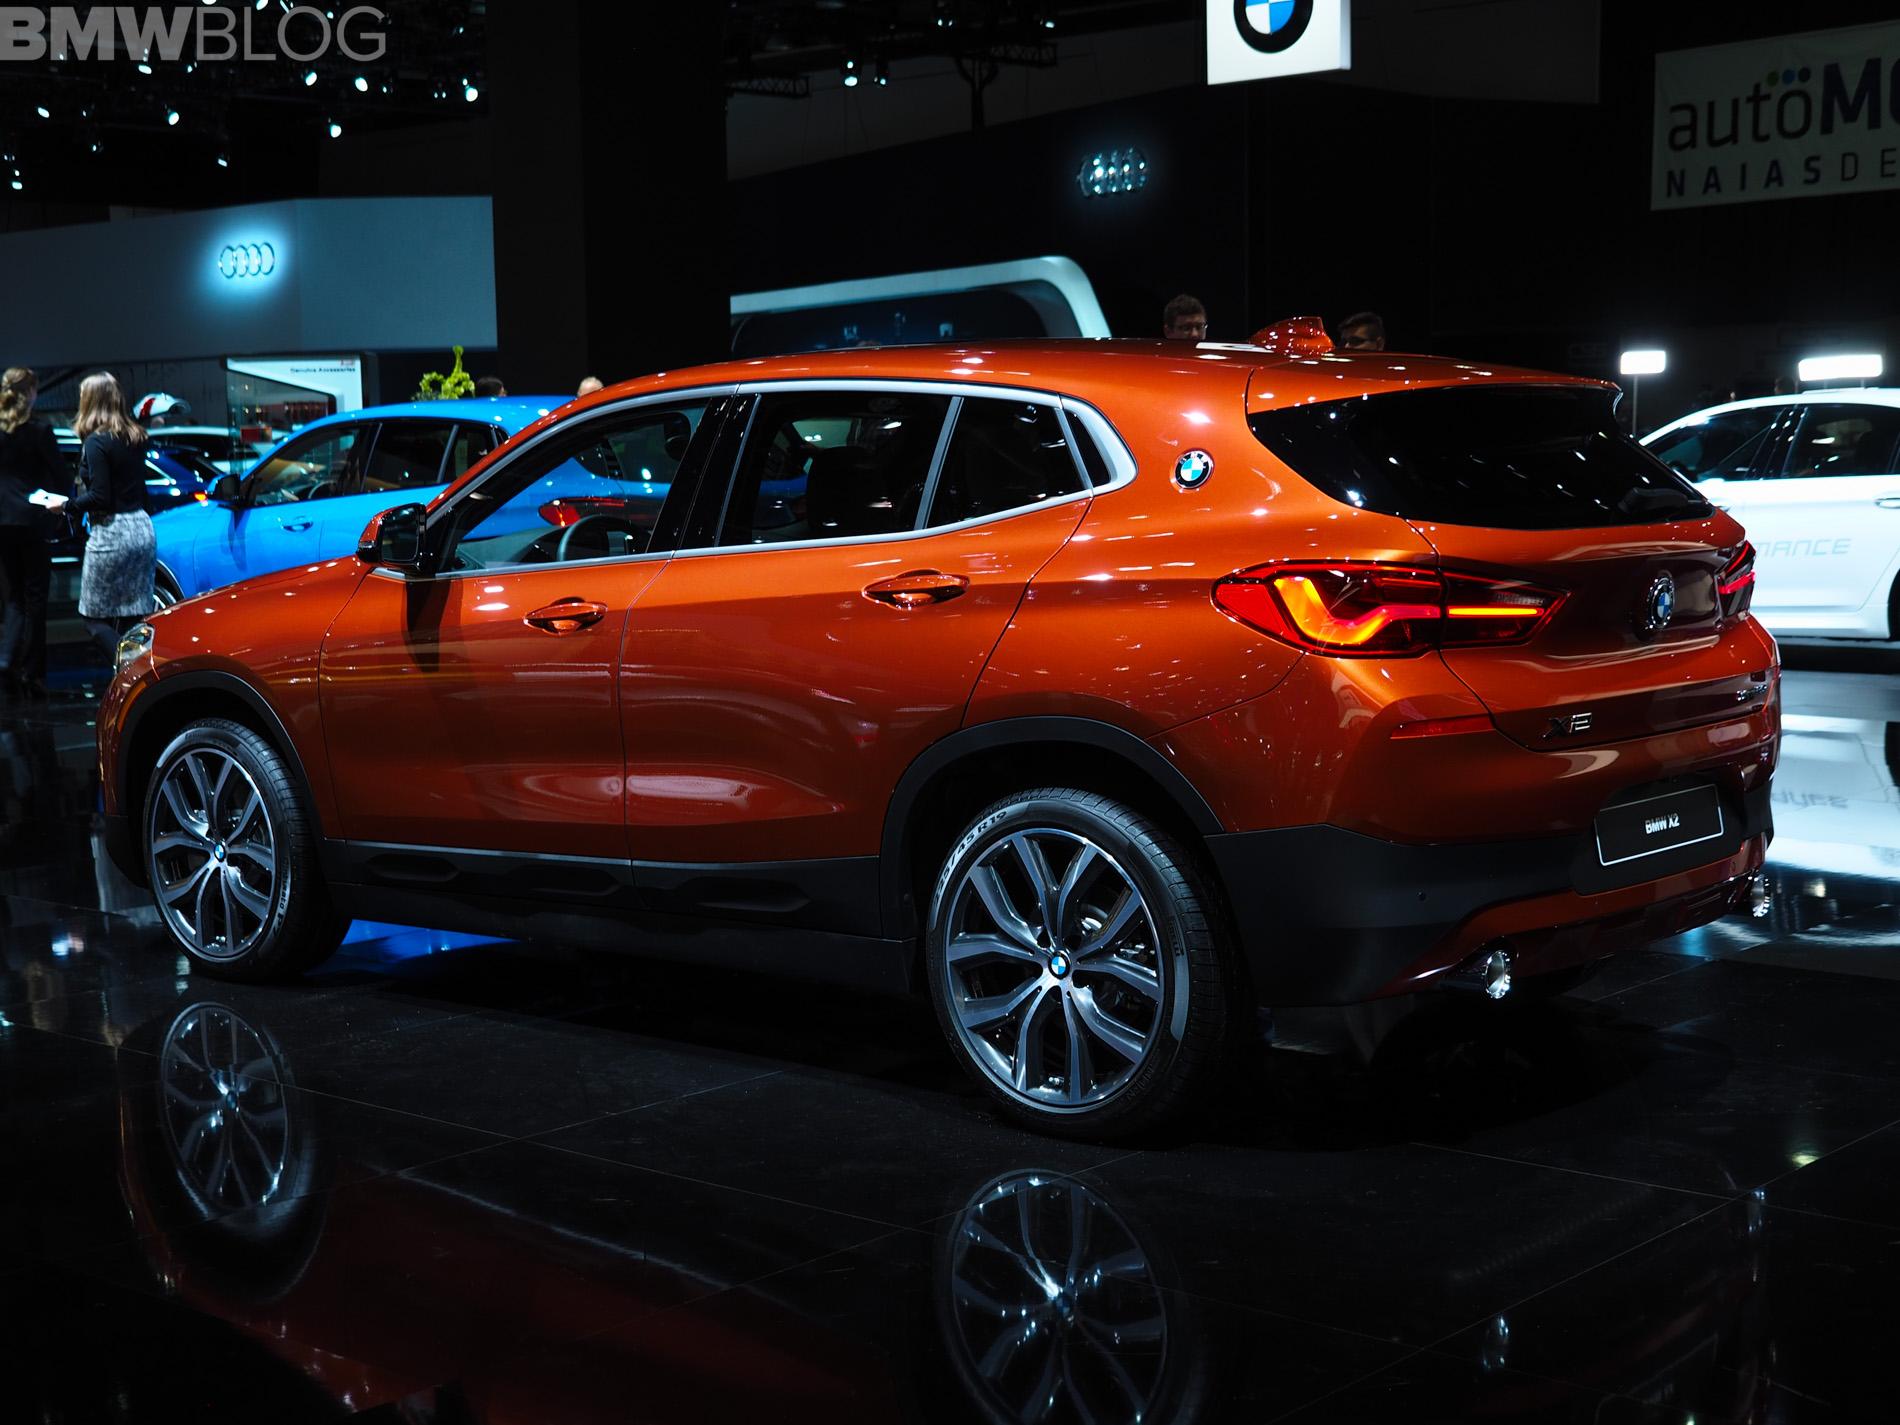 2018 detroit auto show bmw x2 in sunset orange